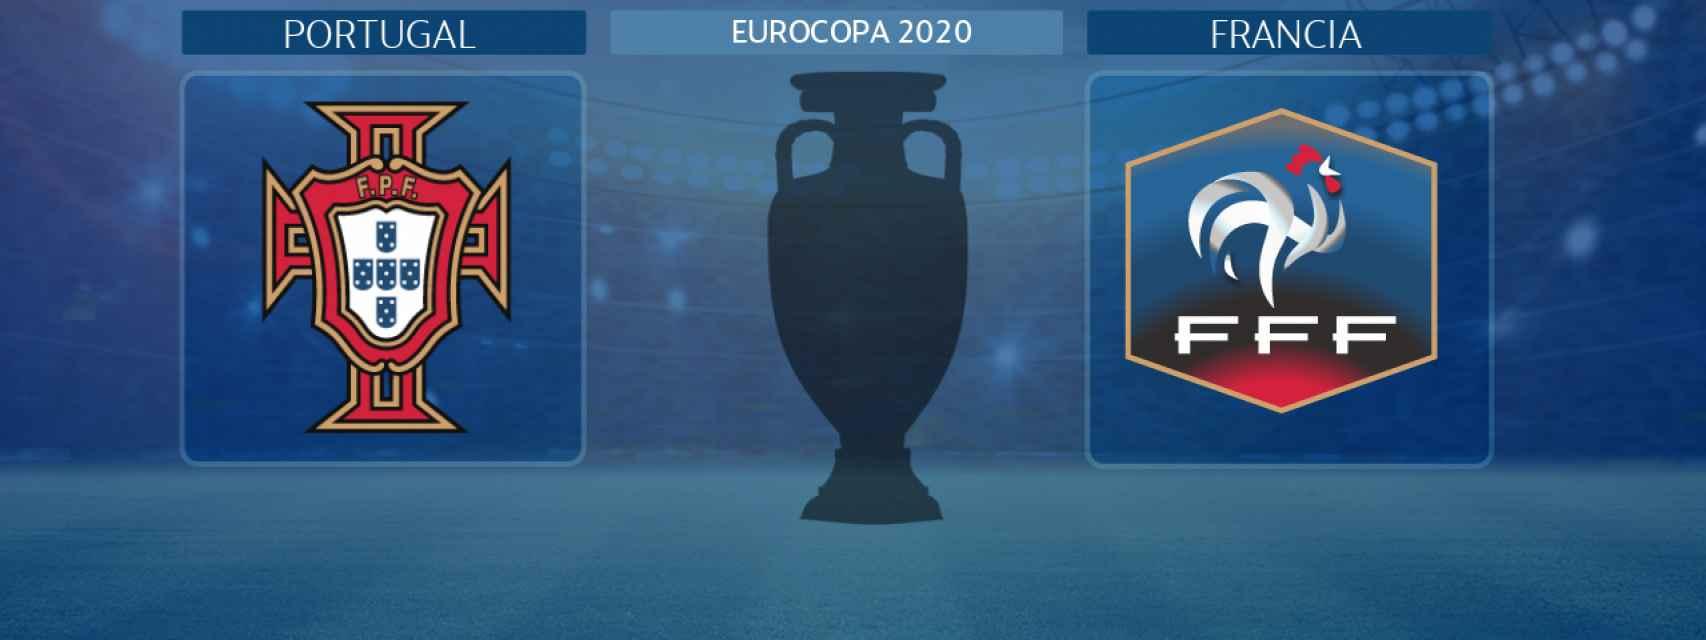 Portugal - Francia, partido de la Eurocopa 2020